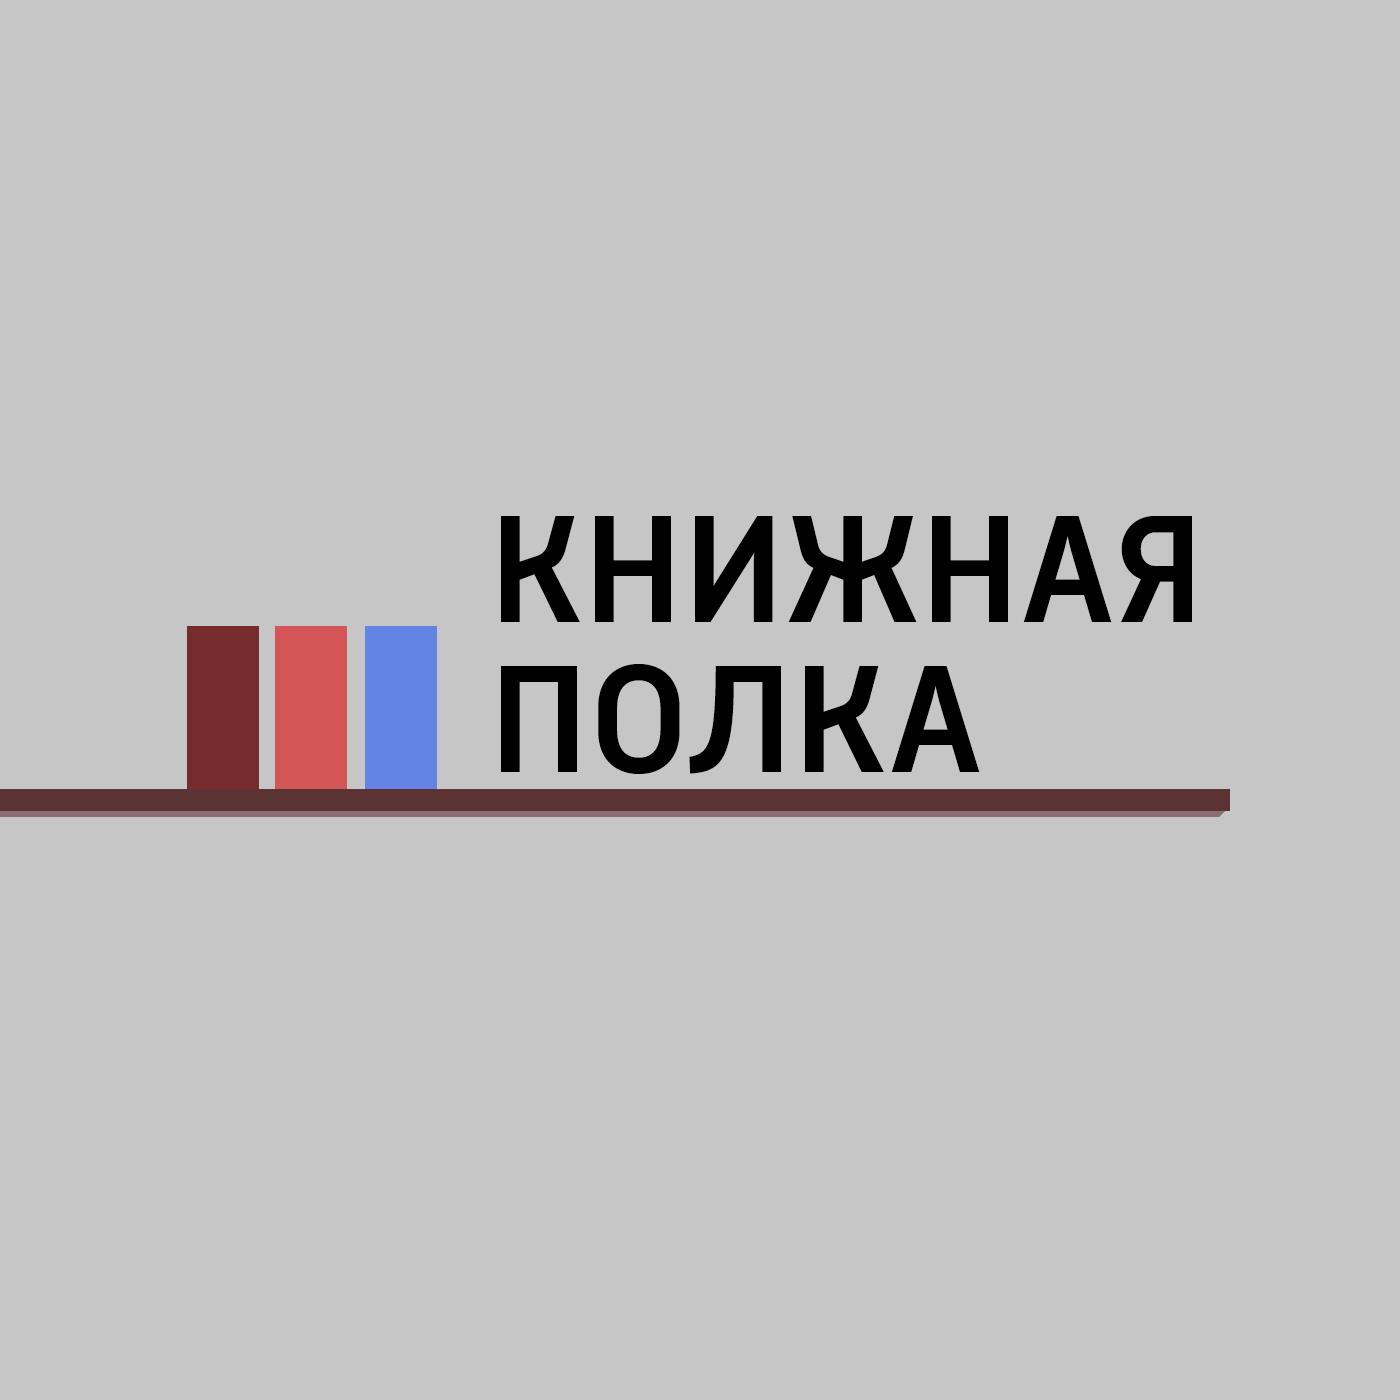 Маргарита Митрофанова «Становление Стива Джобса», «Выходит продюсер», «Размышления о политике»